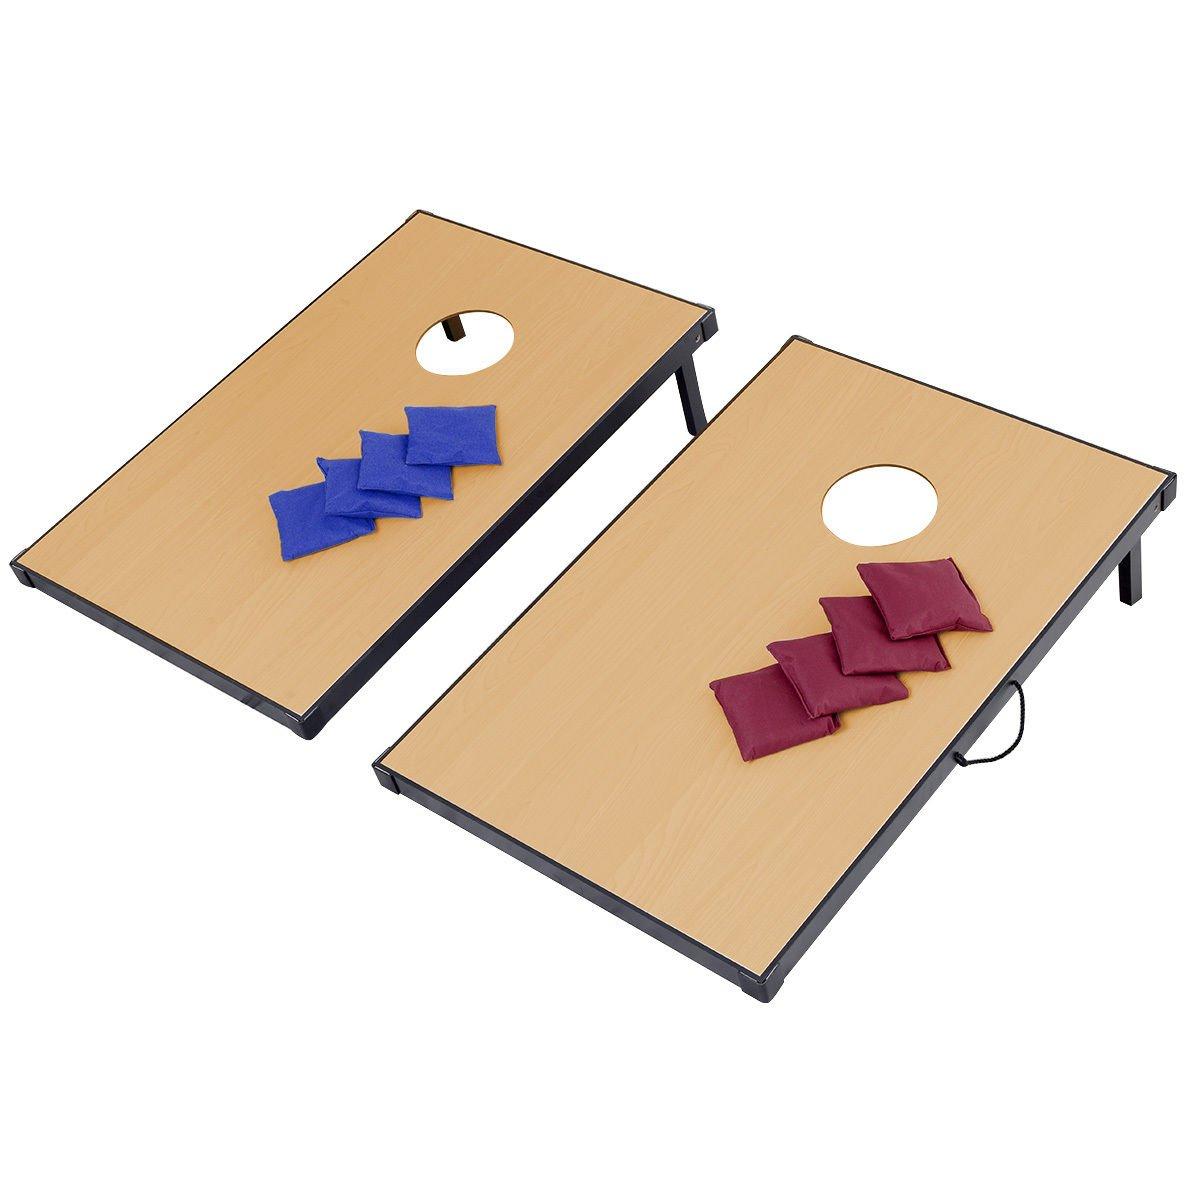 開店記念セール! Tangkula Game Cornhole Game Set Blue and Red and Blue Beanバッグセット B073RF6QW7 47\, 椴法華村:b32b7514 --- arianechie.dominiotemporario.com